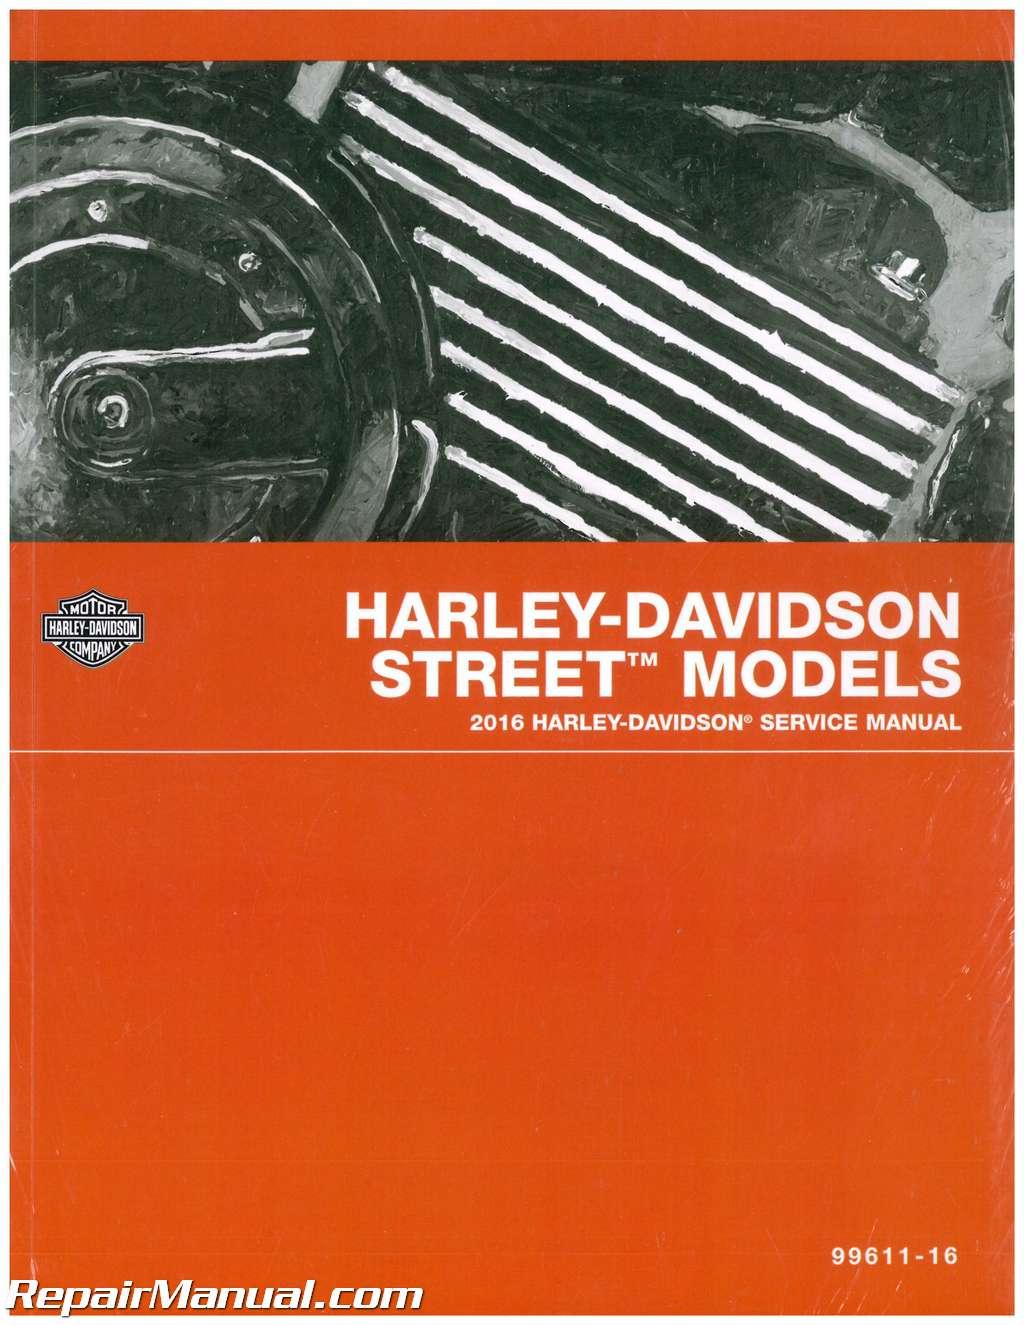 Free Repair Manuals For Harley Davidson